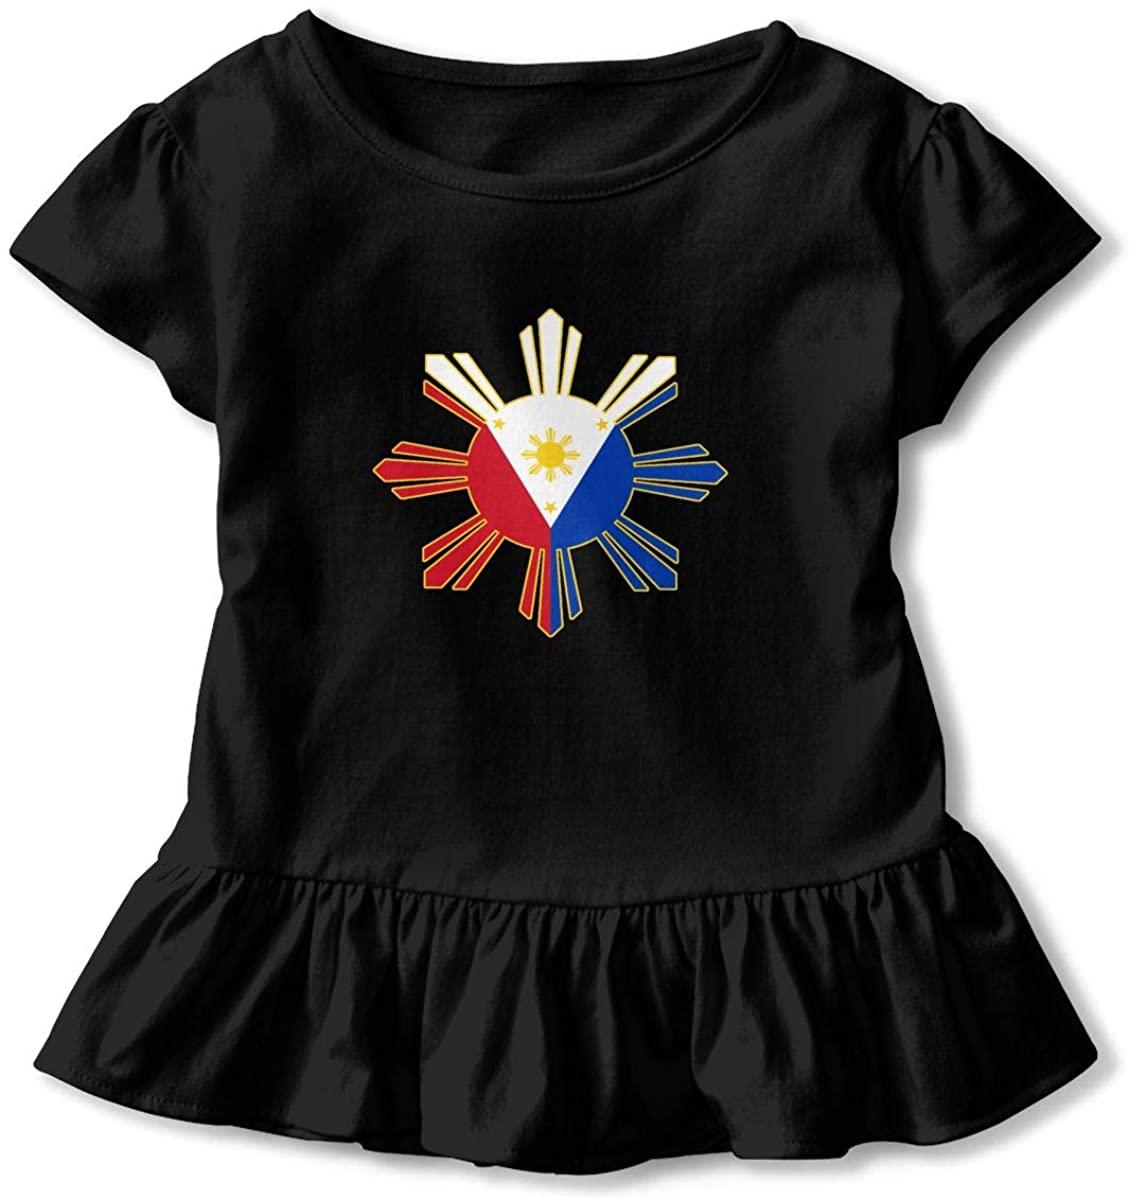 EASON-G Toddler Girl's Ruffle T-Shirt Filipino Flag Short Sleeve 2-6T